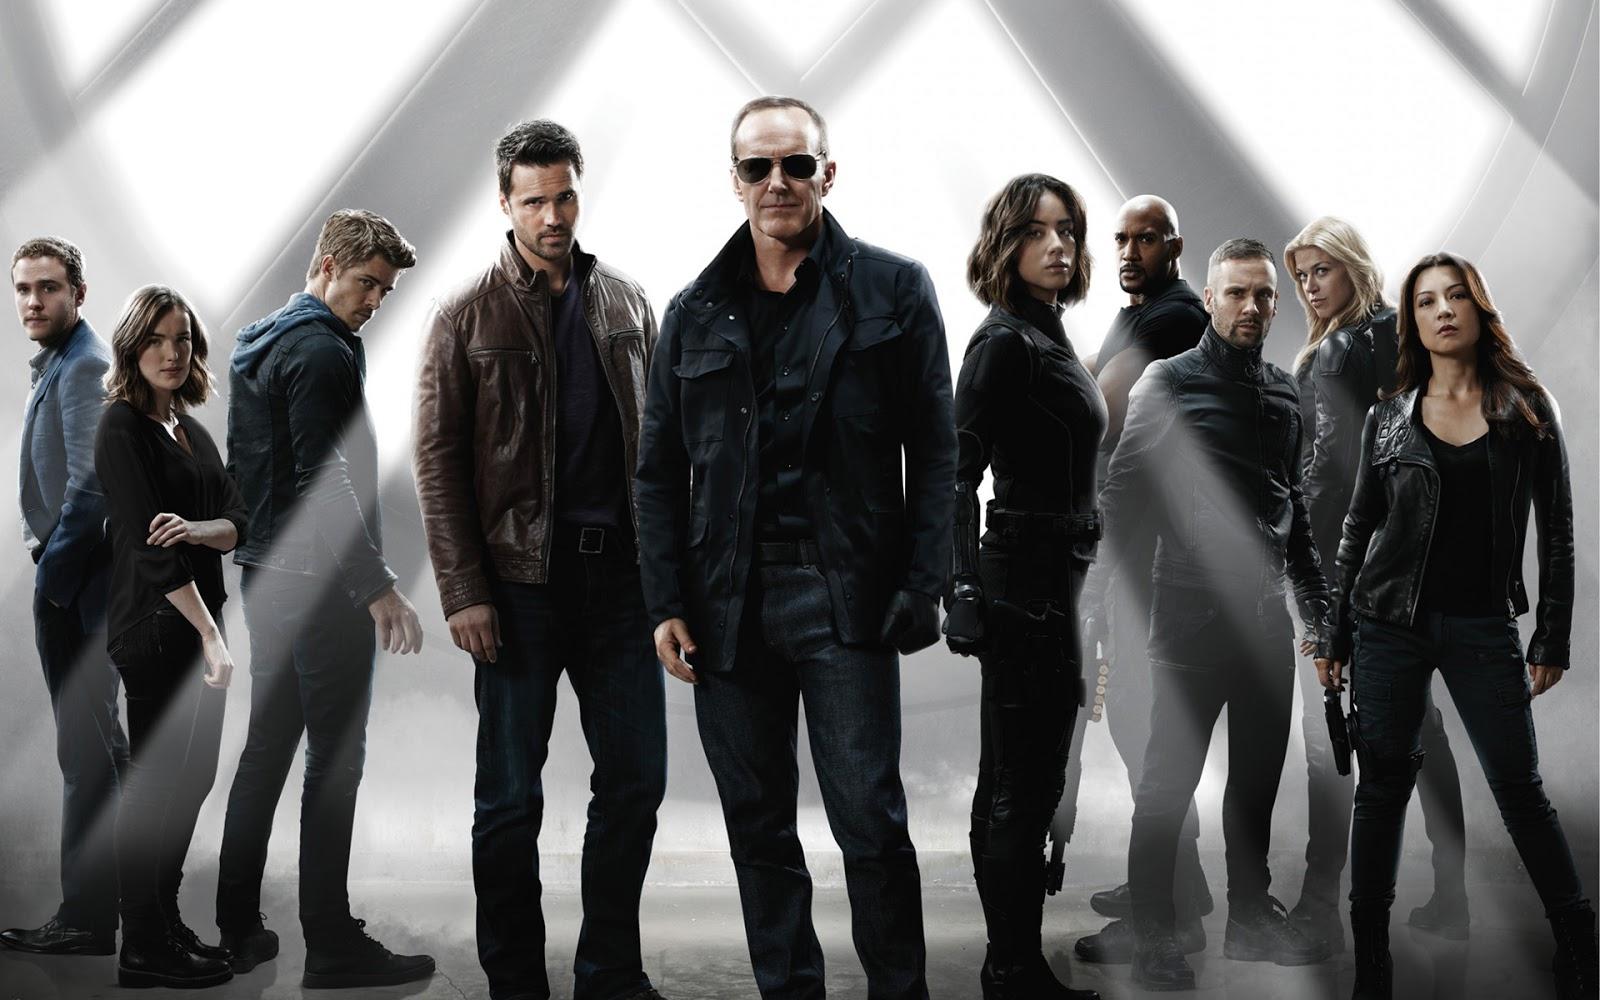 Crítica | Apanhado geral de todas as temporadas de Agents of S.H.I.E.L.D.